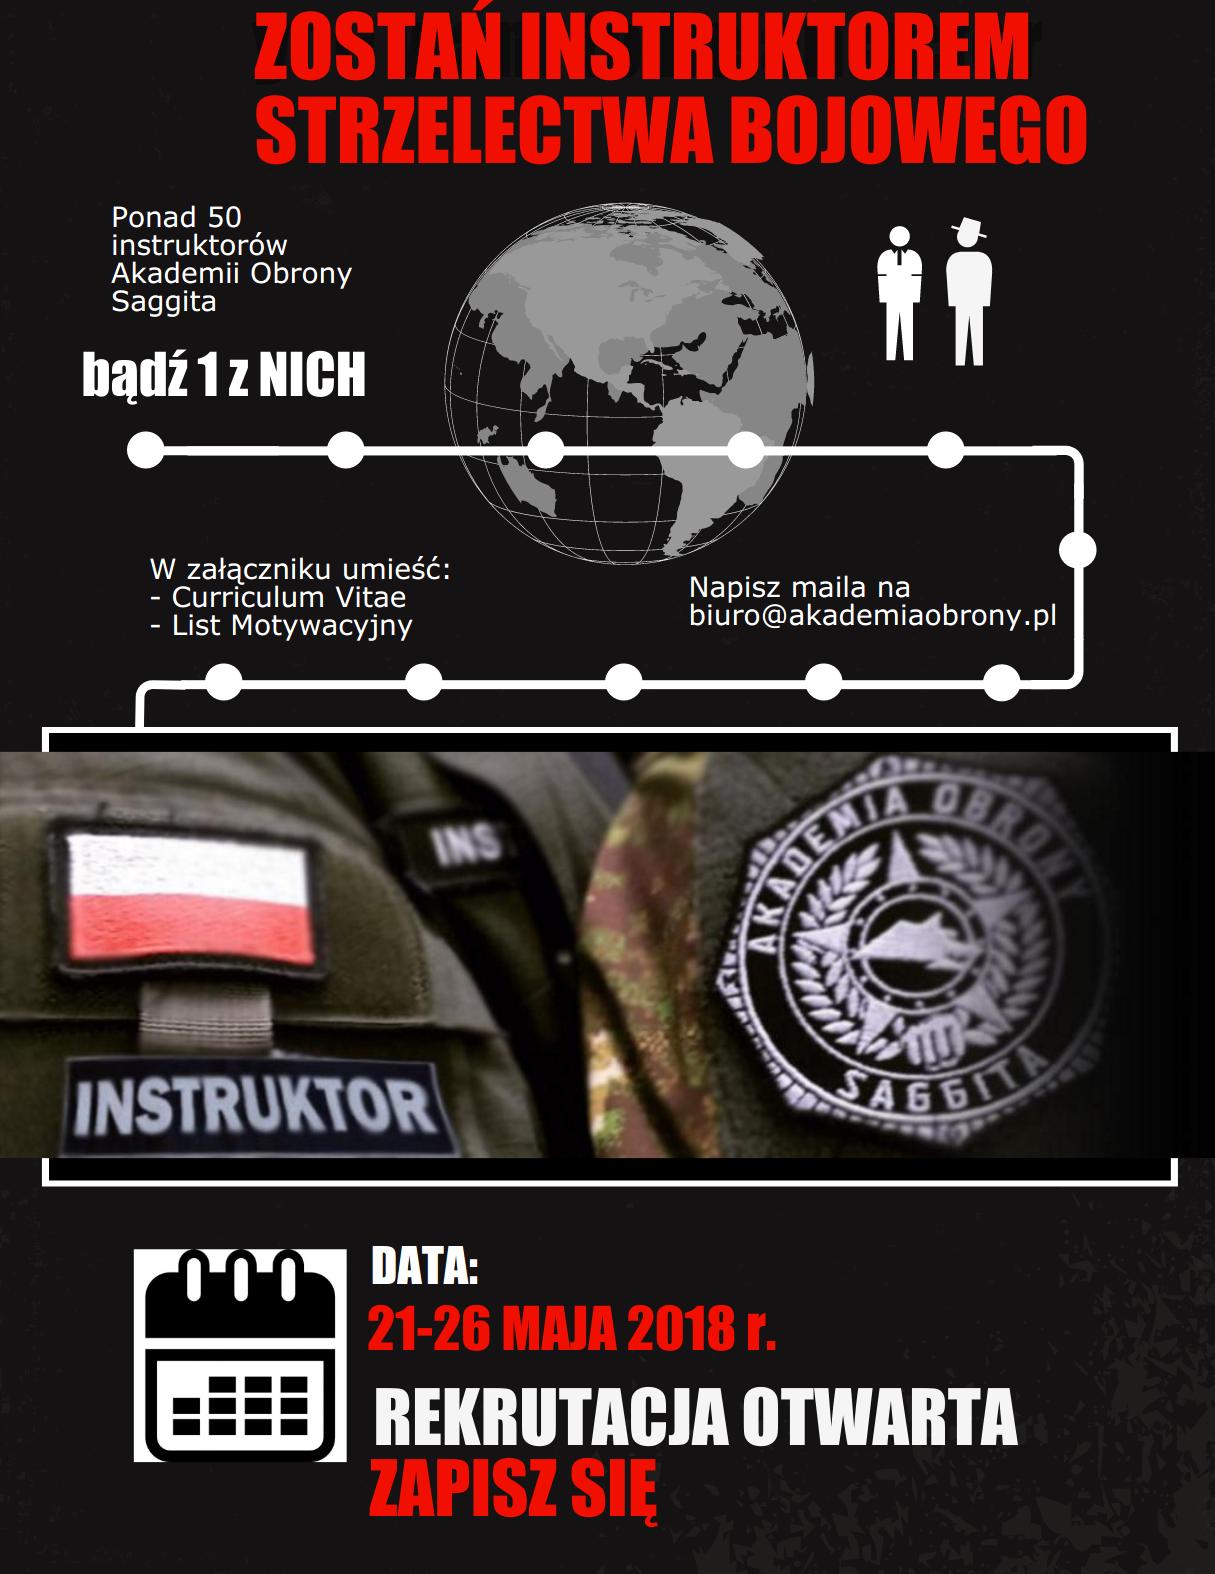 info instruktor kopia